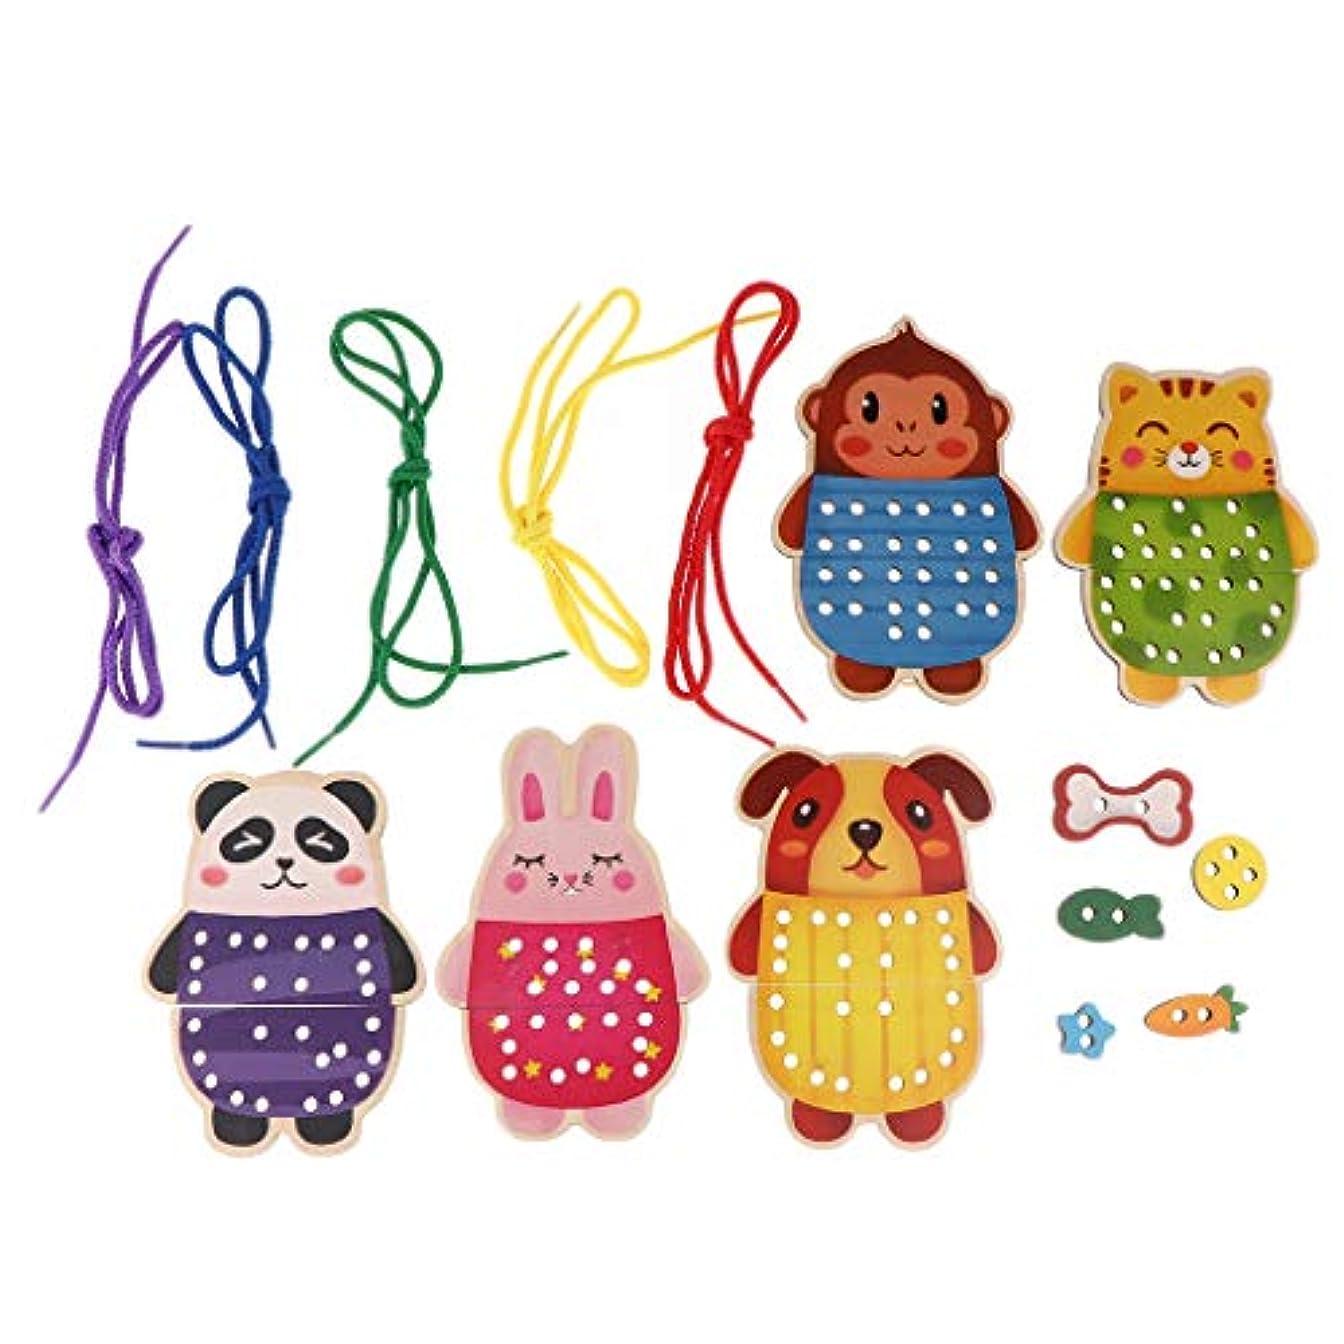 先住民出血美徳Sharplace ひもとおし 木製パズル 動物形 ひも通し おもちゃ 子供 教育玩具 誕生日 プレゼント